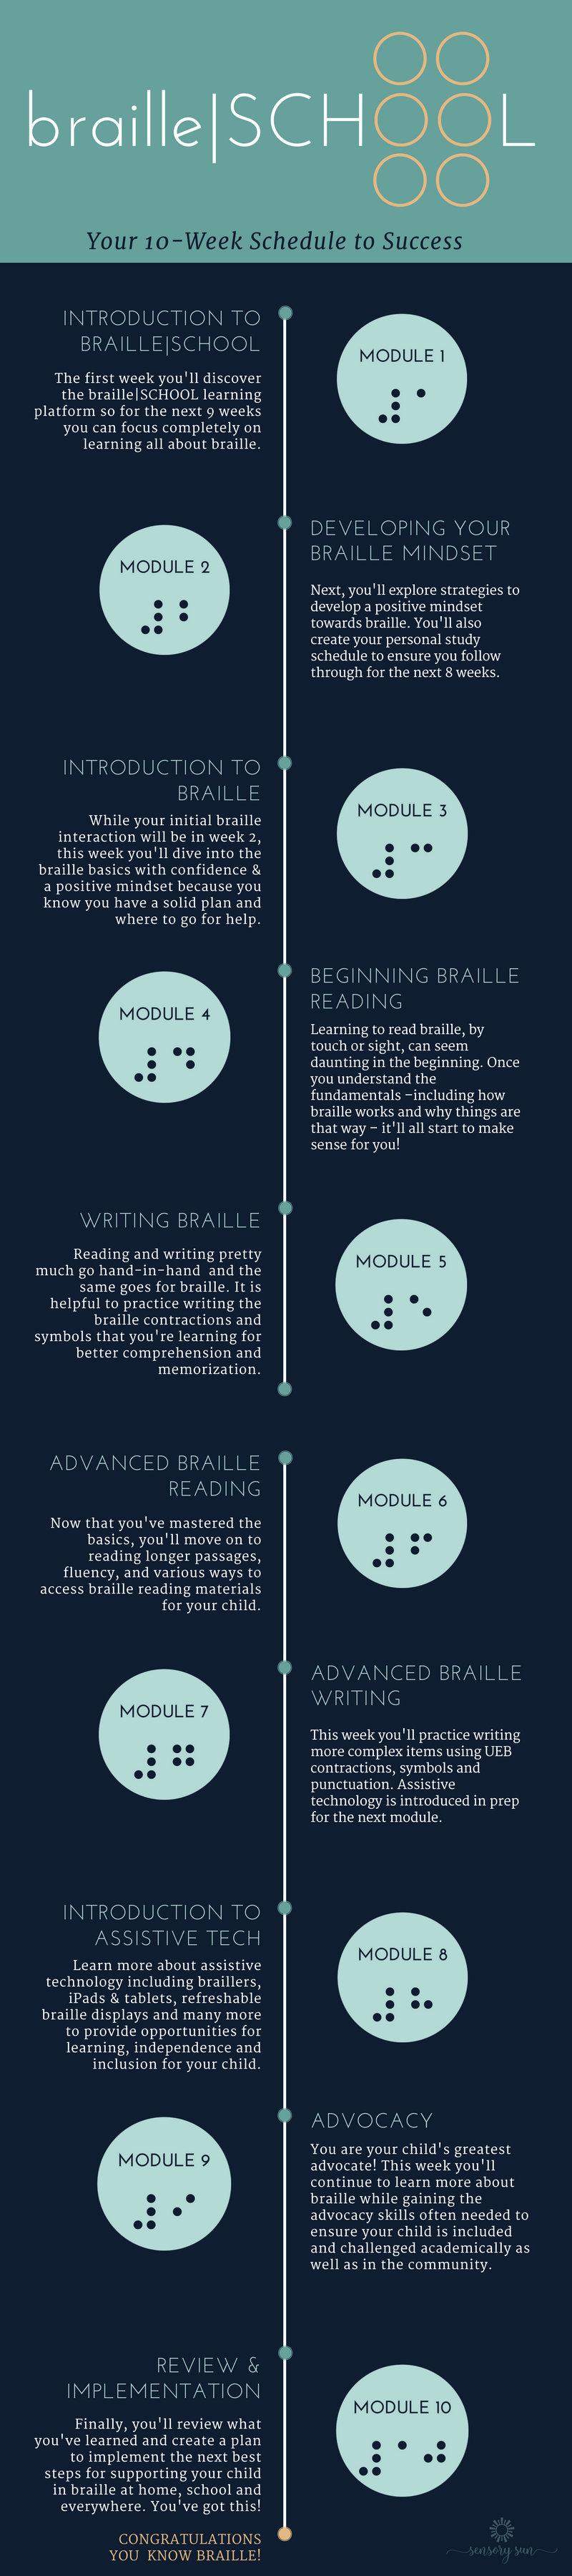 braille school 10-week schedule of modules